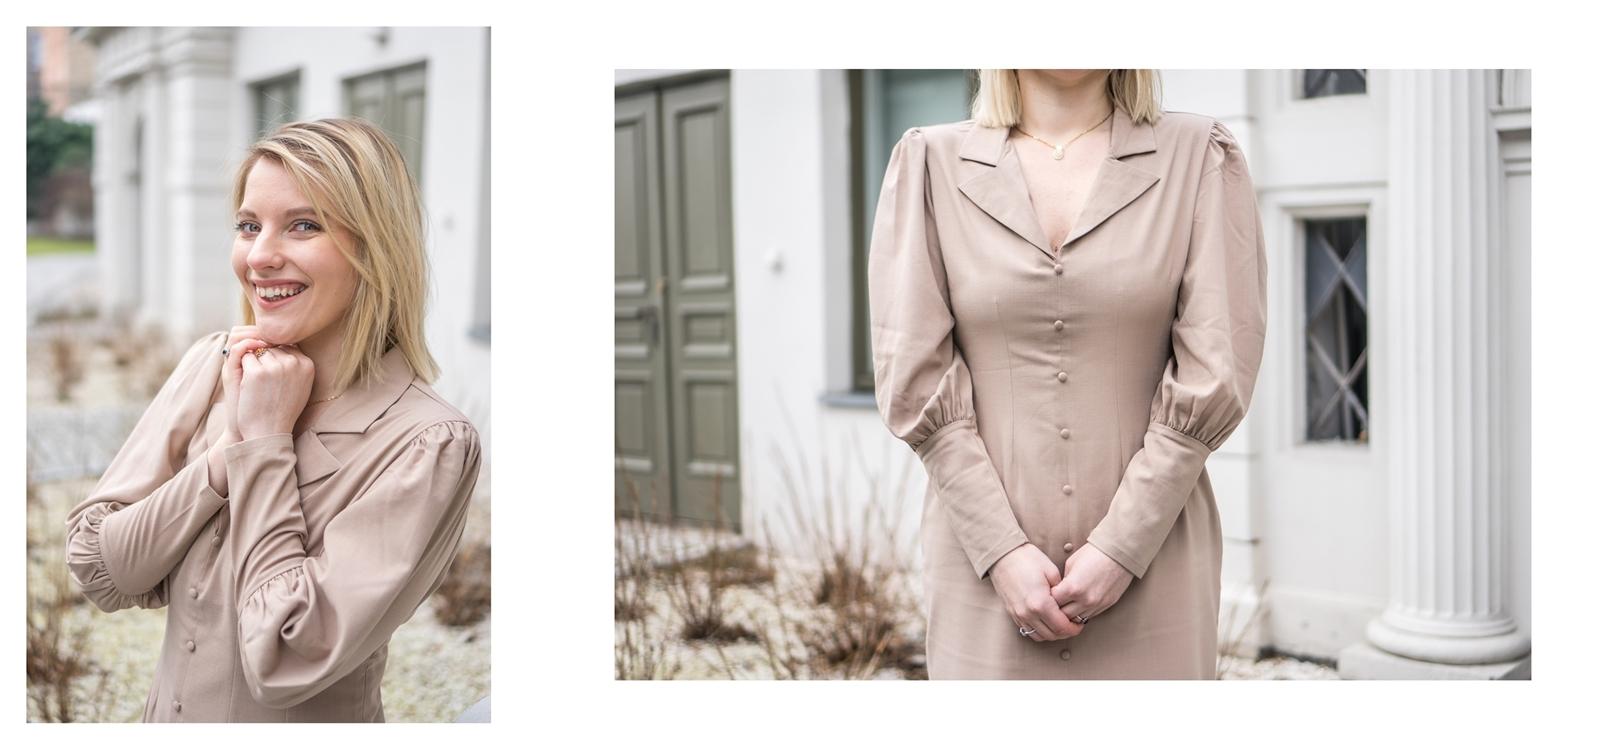 8a na-kd na kd lounge kod zniżkowy outlet rabat zakupy płaszcz na jesień kremowy sukienka modne stylizacje total look blog łódź fashion lifestyle